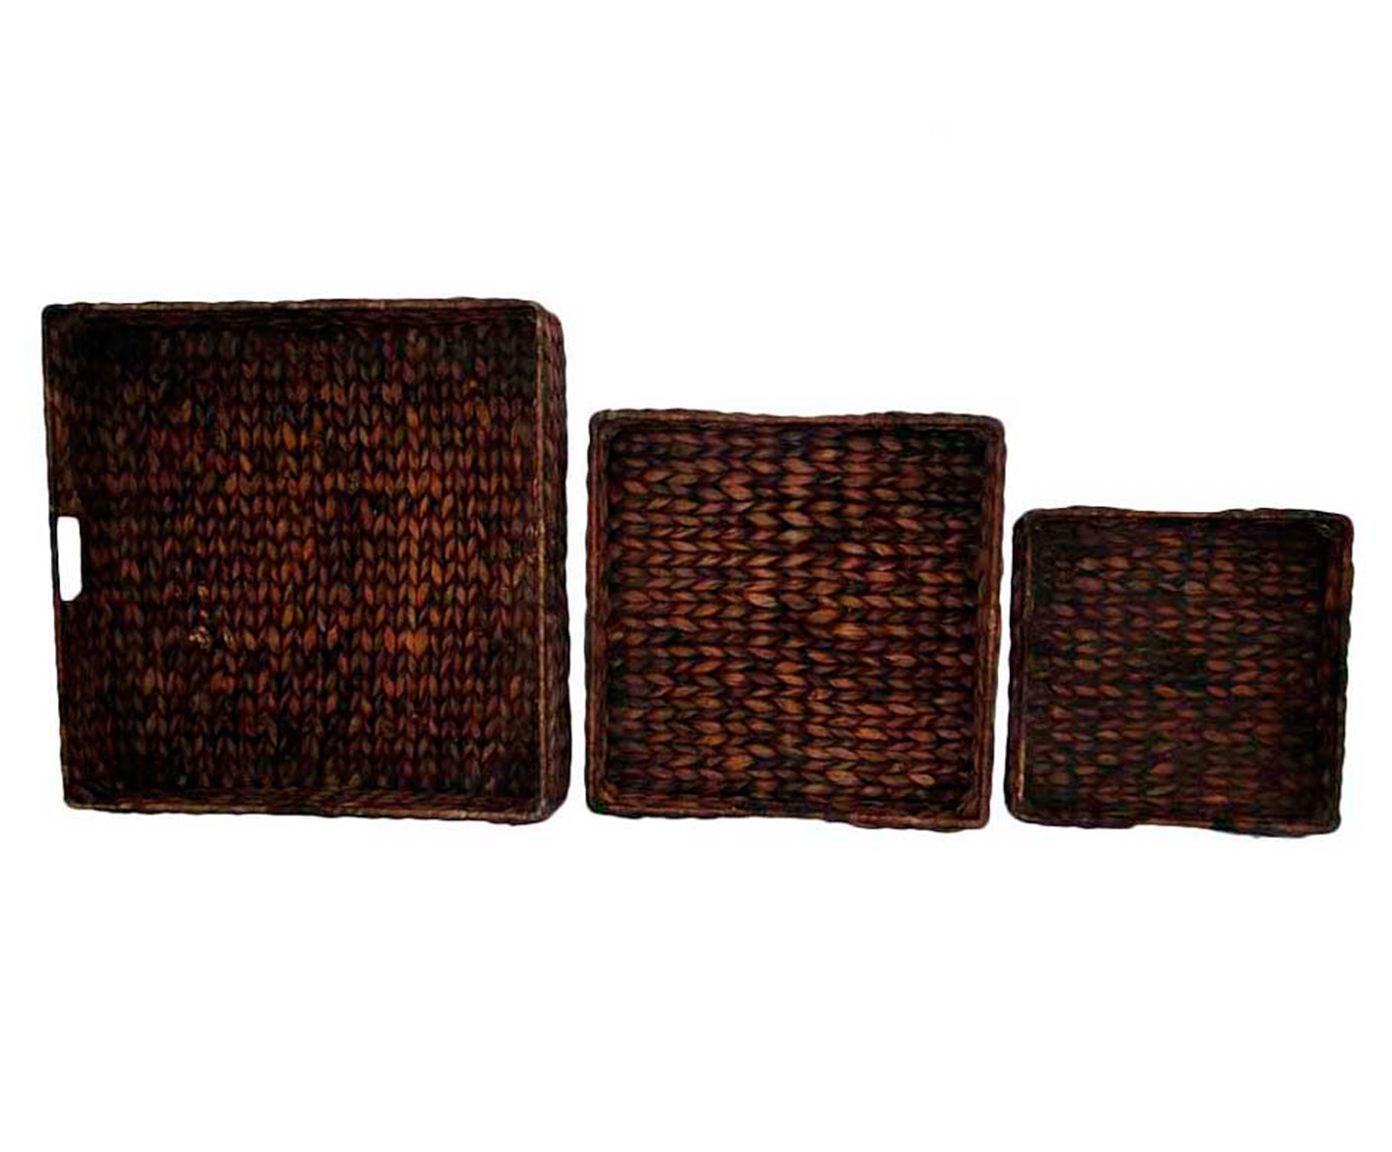 Conjunto de bandejas braided | Westwing.com.br